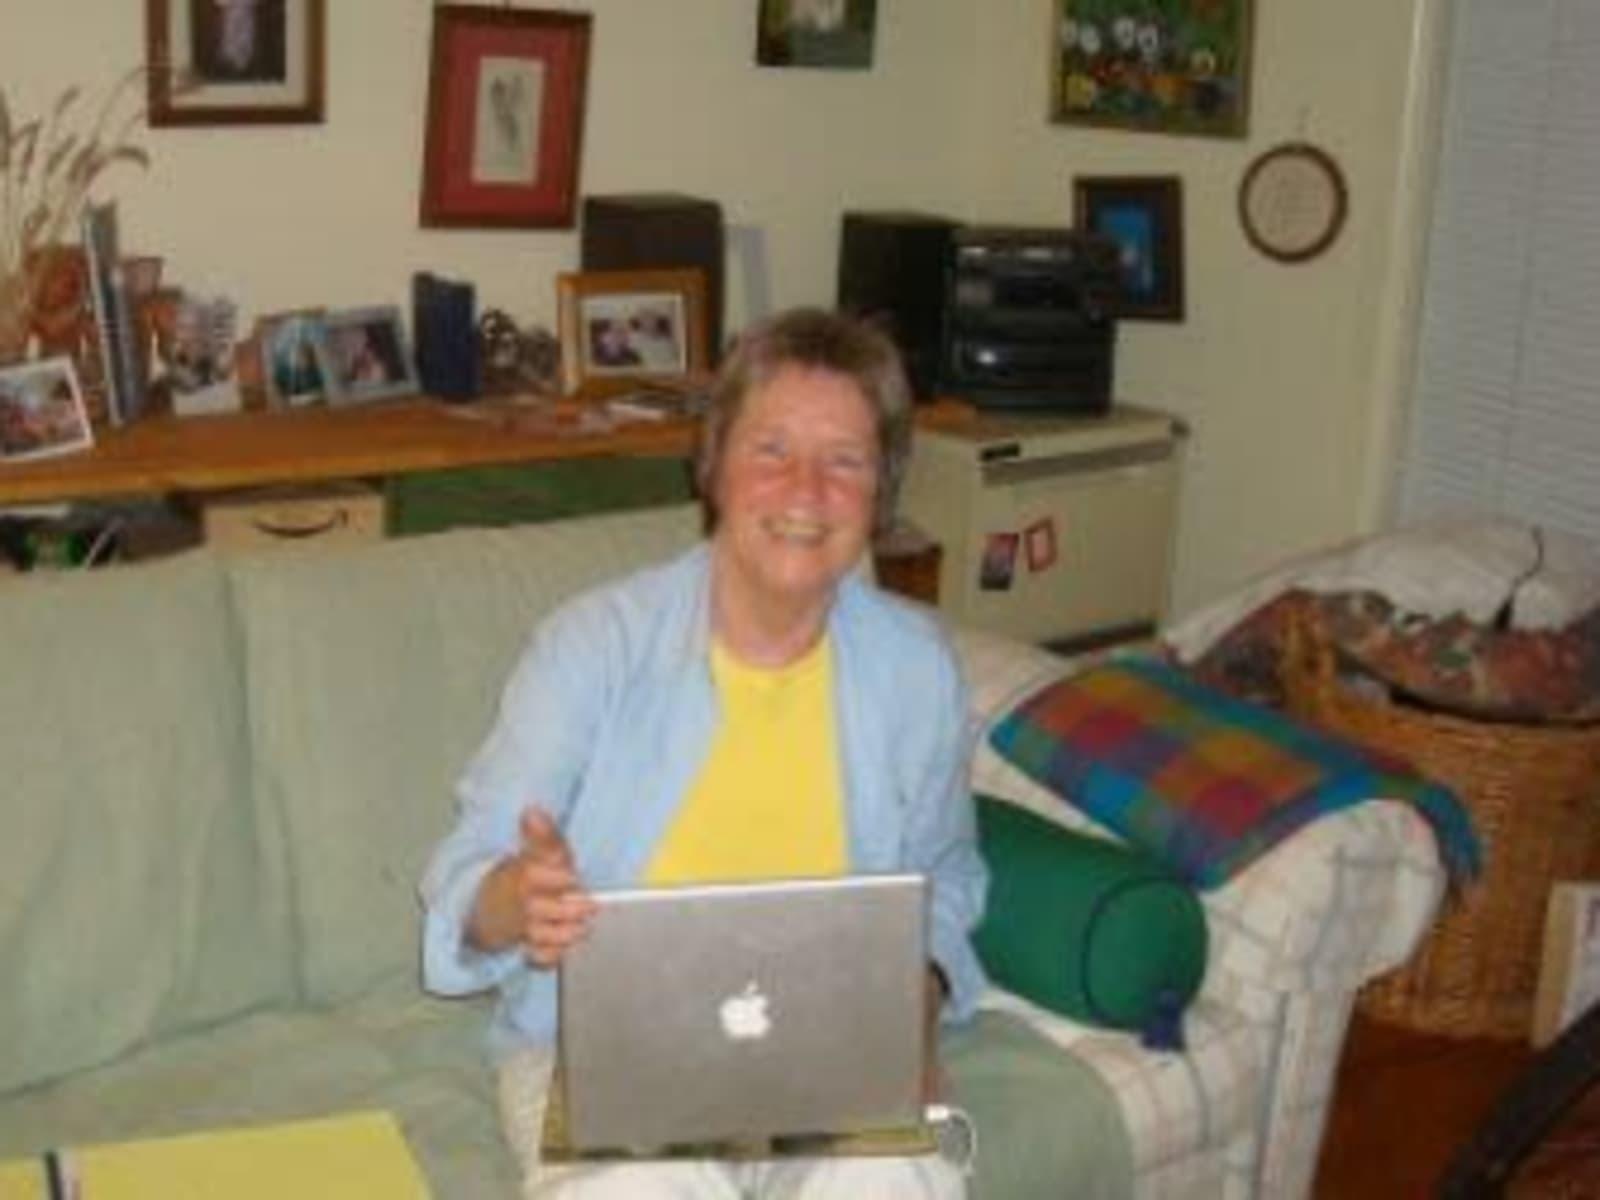 Joan from Melbourne, Victoria, Australia